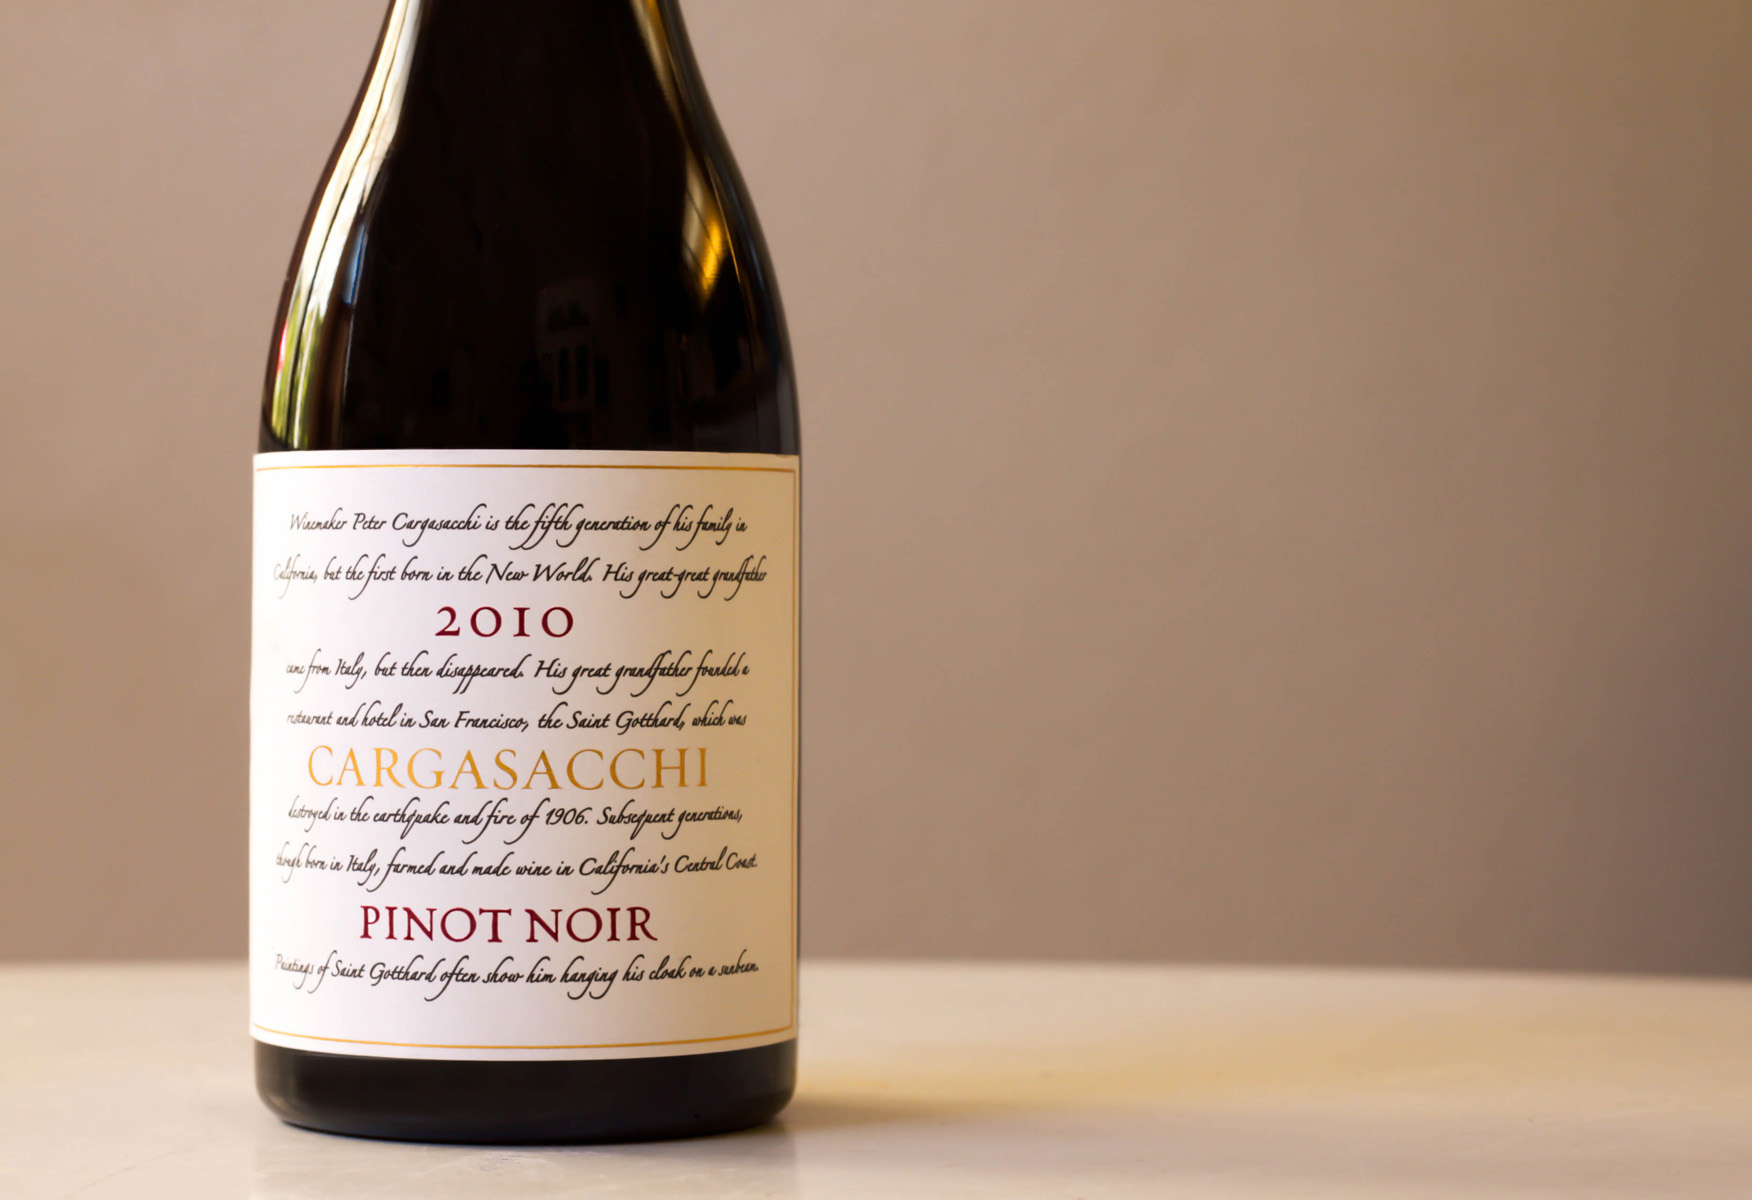 2010 Cargasacchi Pinot Noir Cargasacchi-Jalama Vineyard